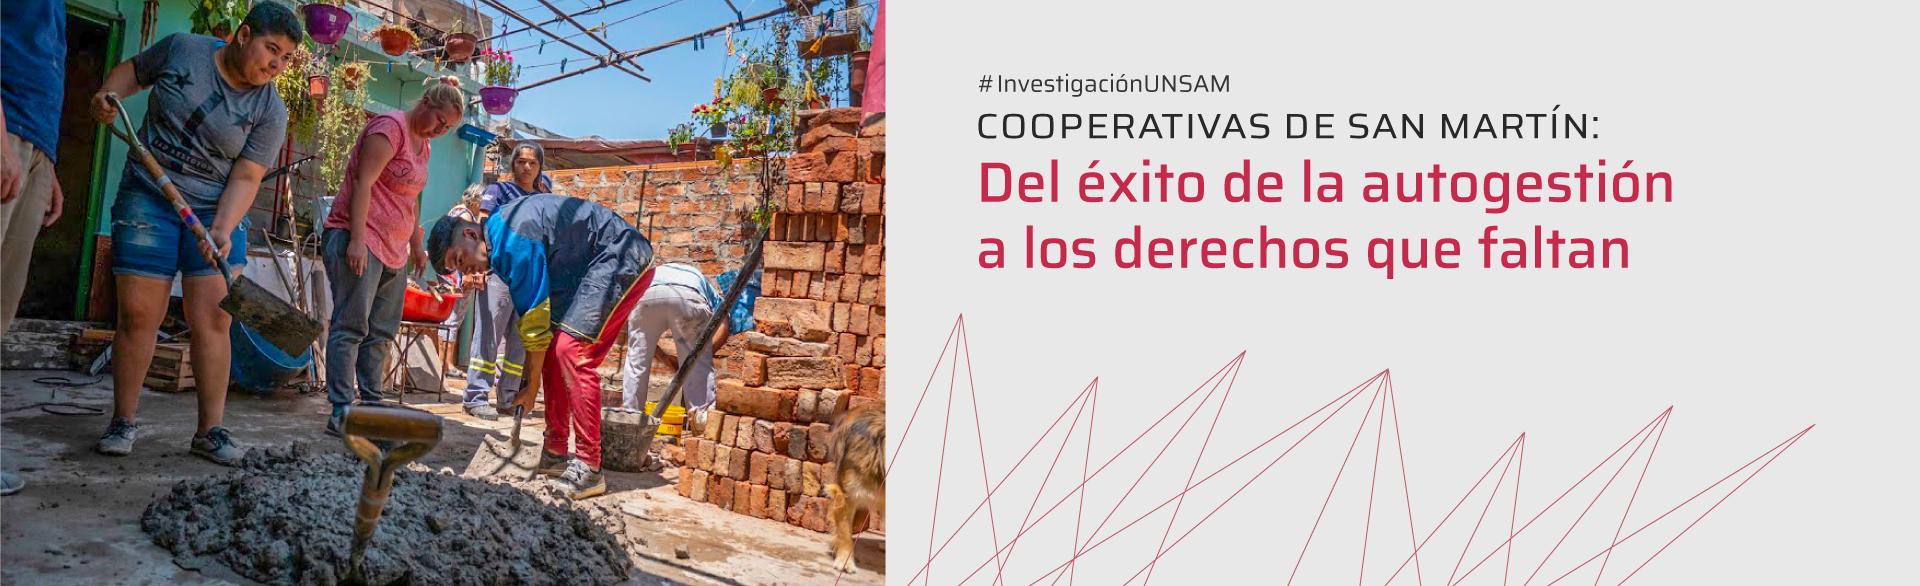 Cooperativas de San Martín